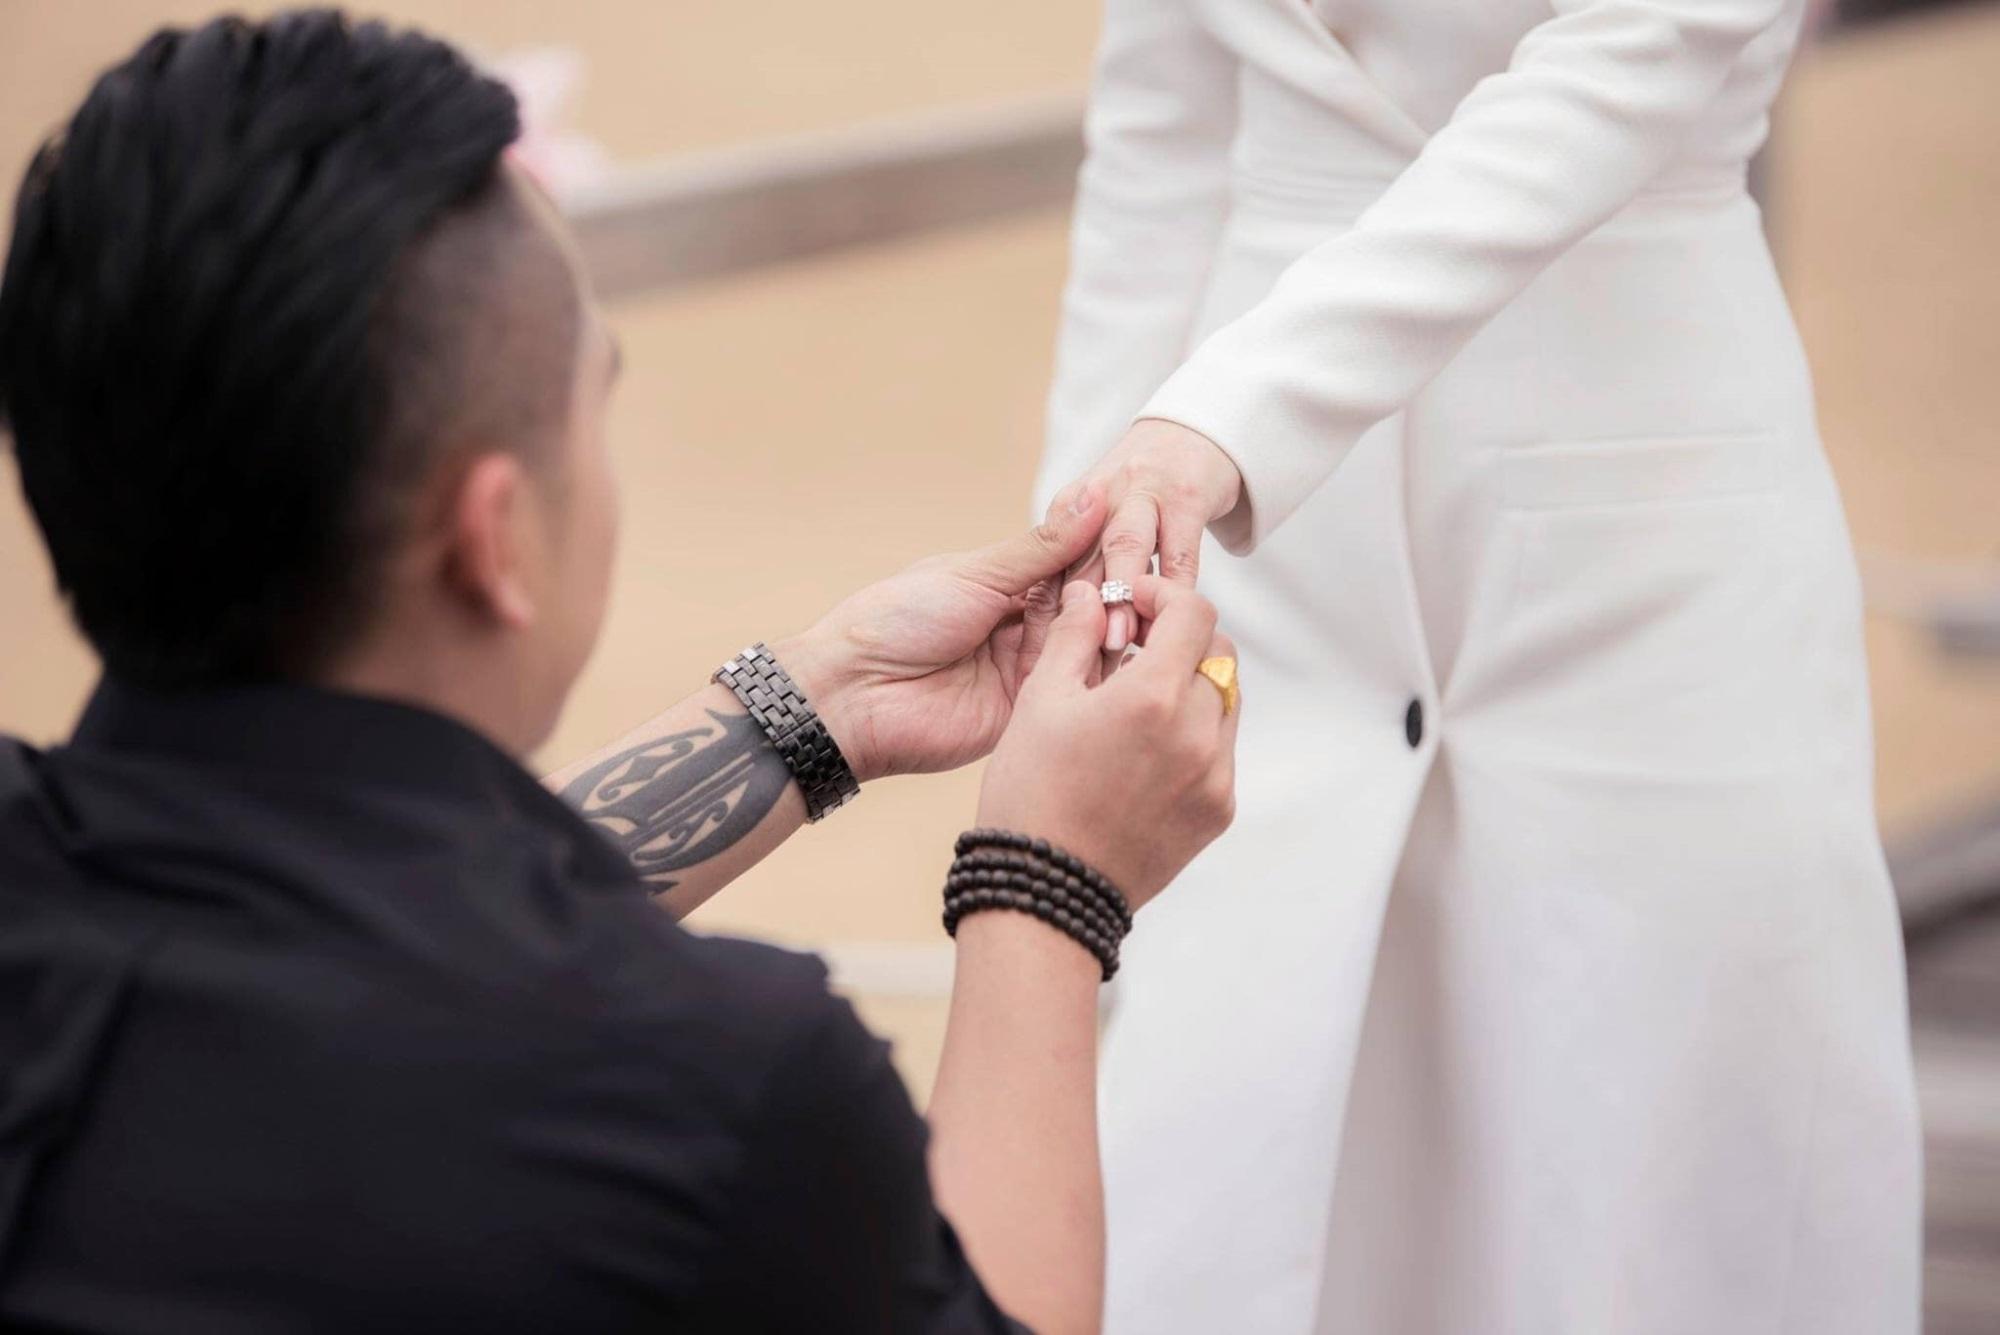 Vài ngày sau đám cưới, chị gái Ngọc Trinh nghẹn ngào trước cách con trai đối xử với cha dượng - Ảnh 4